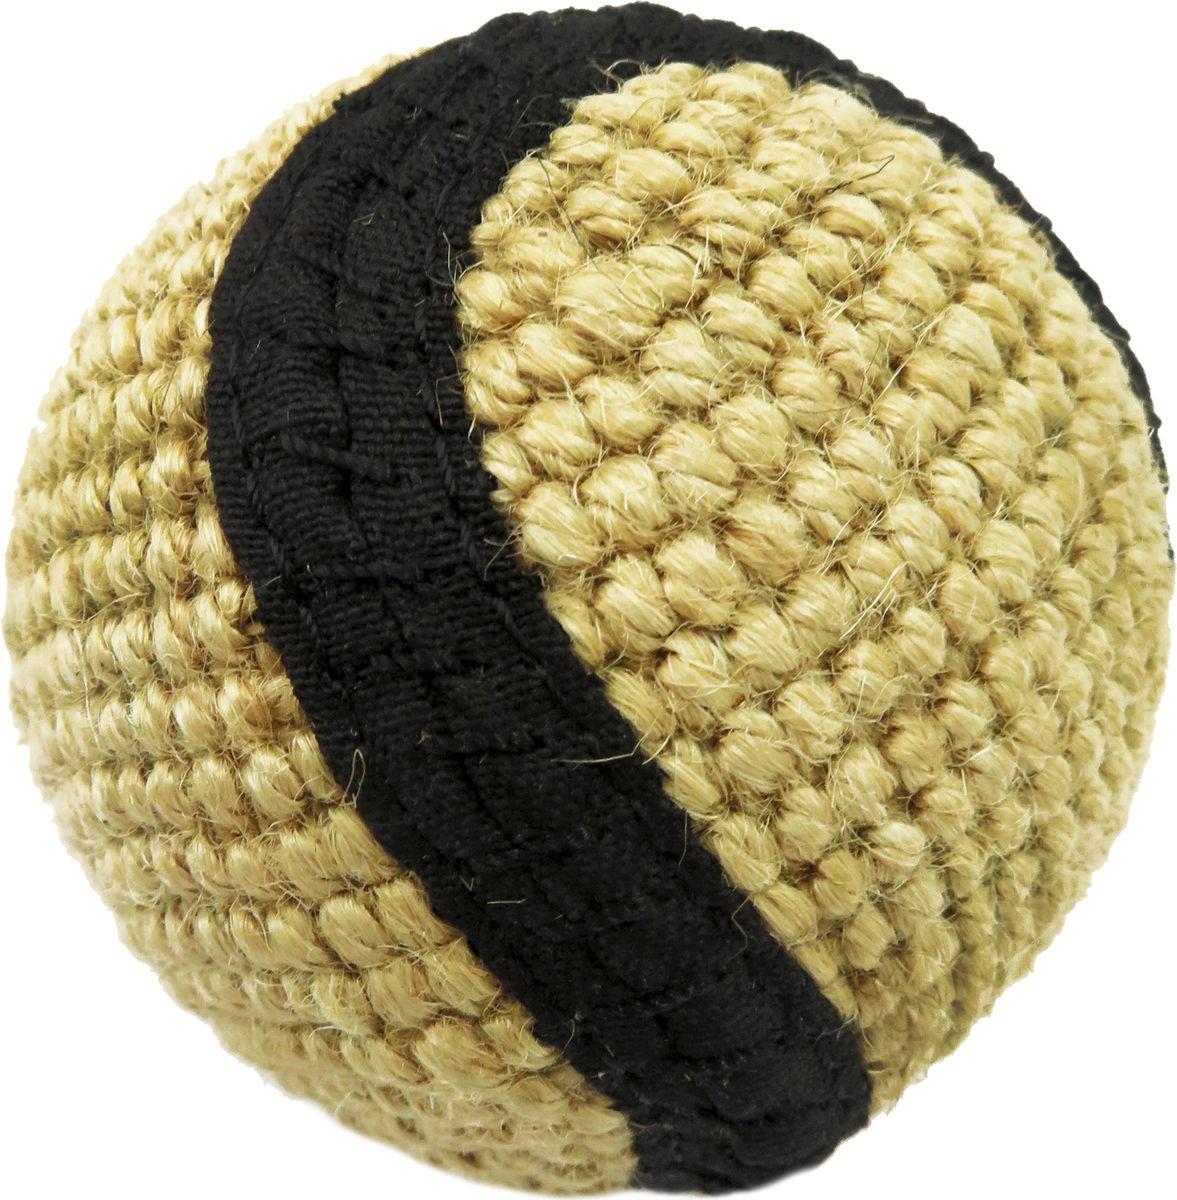 Игрушка для собак Ankur Мяч плетеный, EIP-4416, диаметр 6 смEIP-4416Игрушка из полотна, сплетенного из натурального джута с полосой черного цвета.